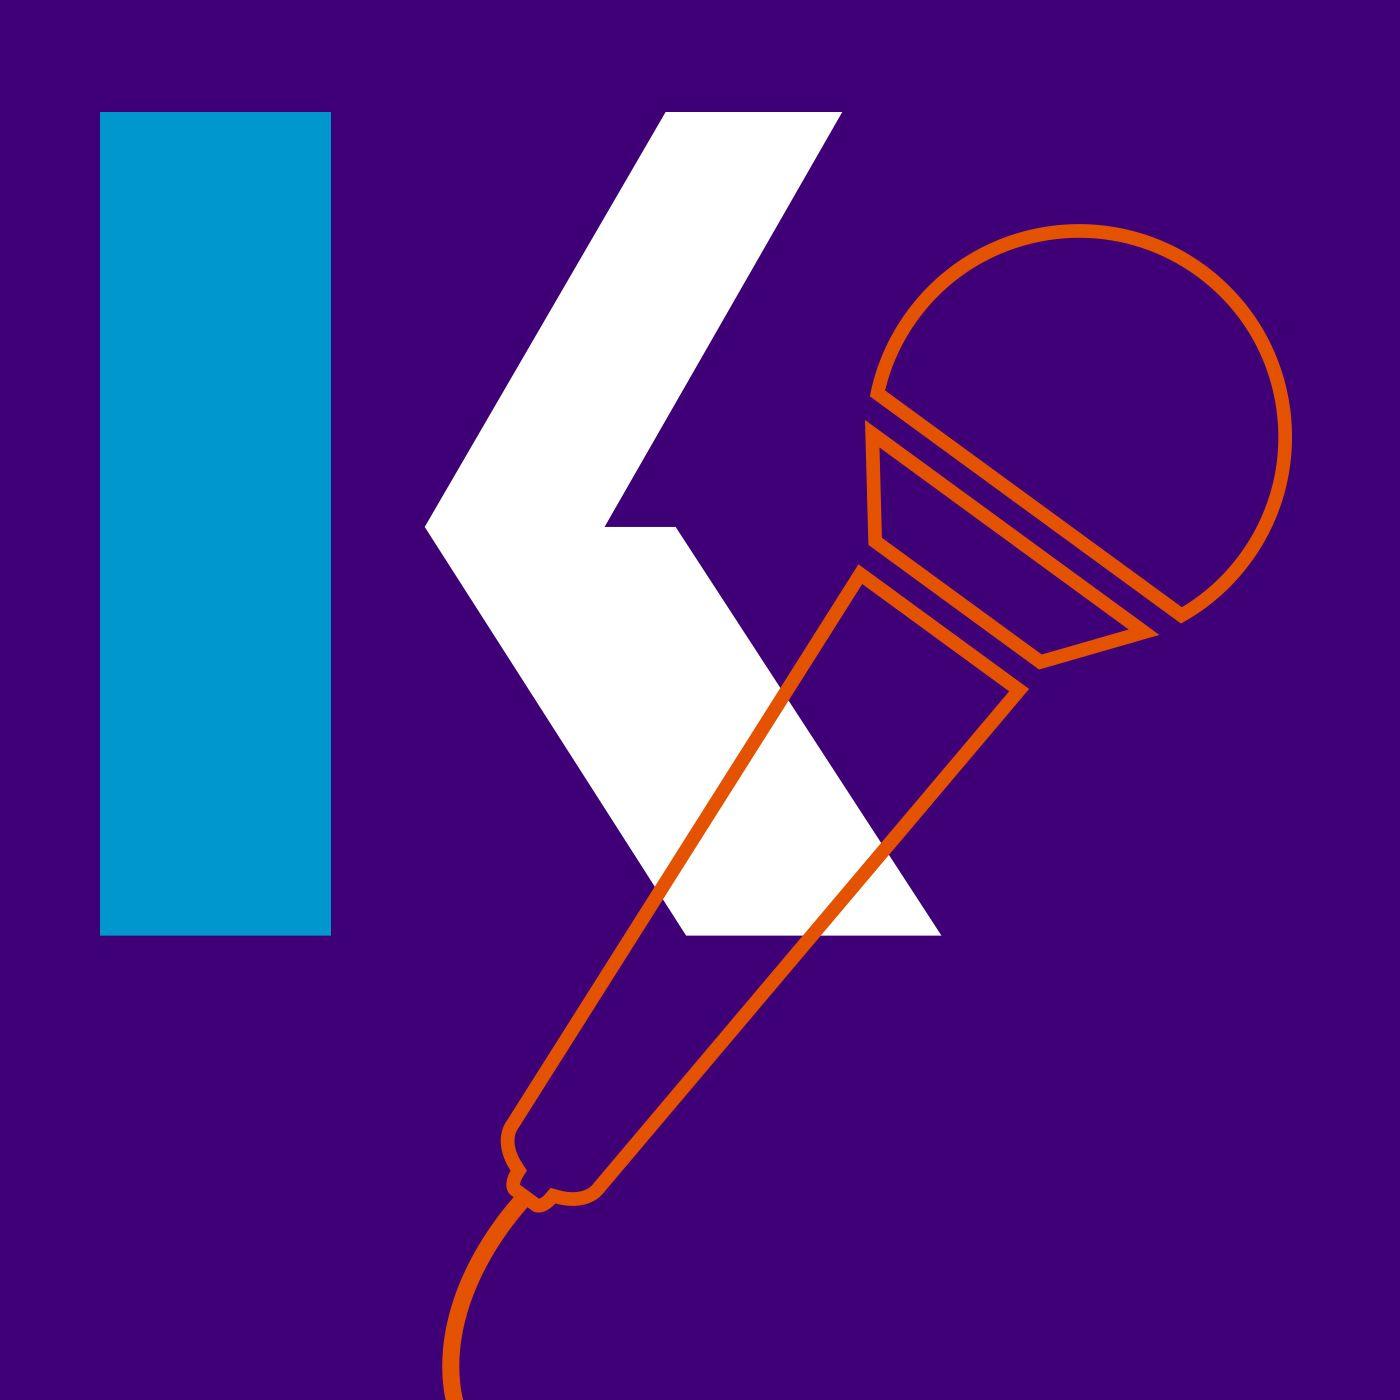 Kaplan's NCLEX Prepcast - Episode 30 - NCLEX® Audio Qbank